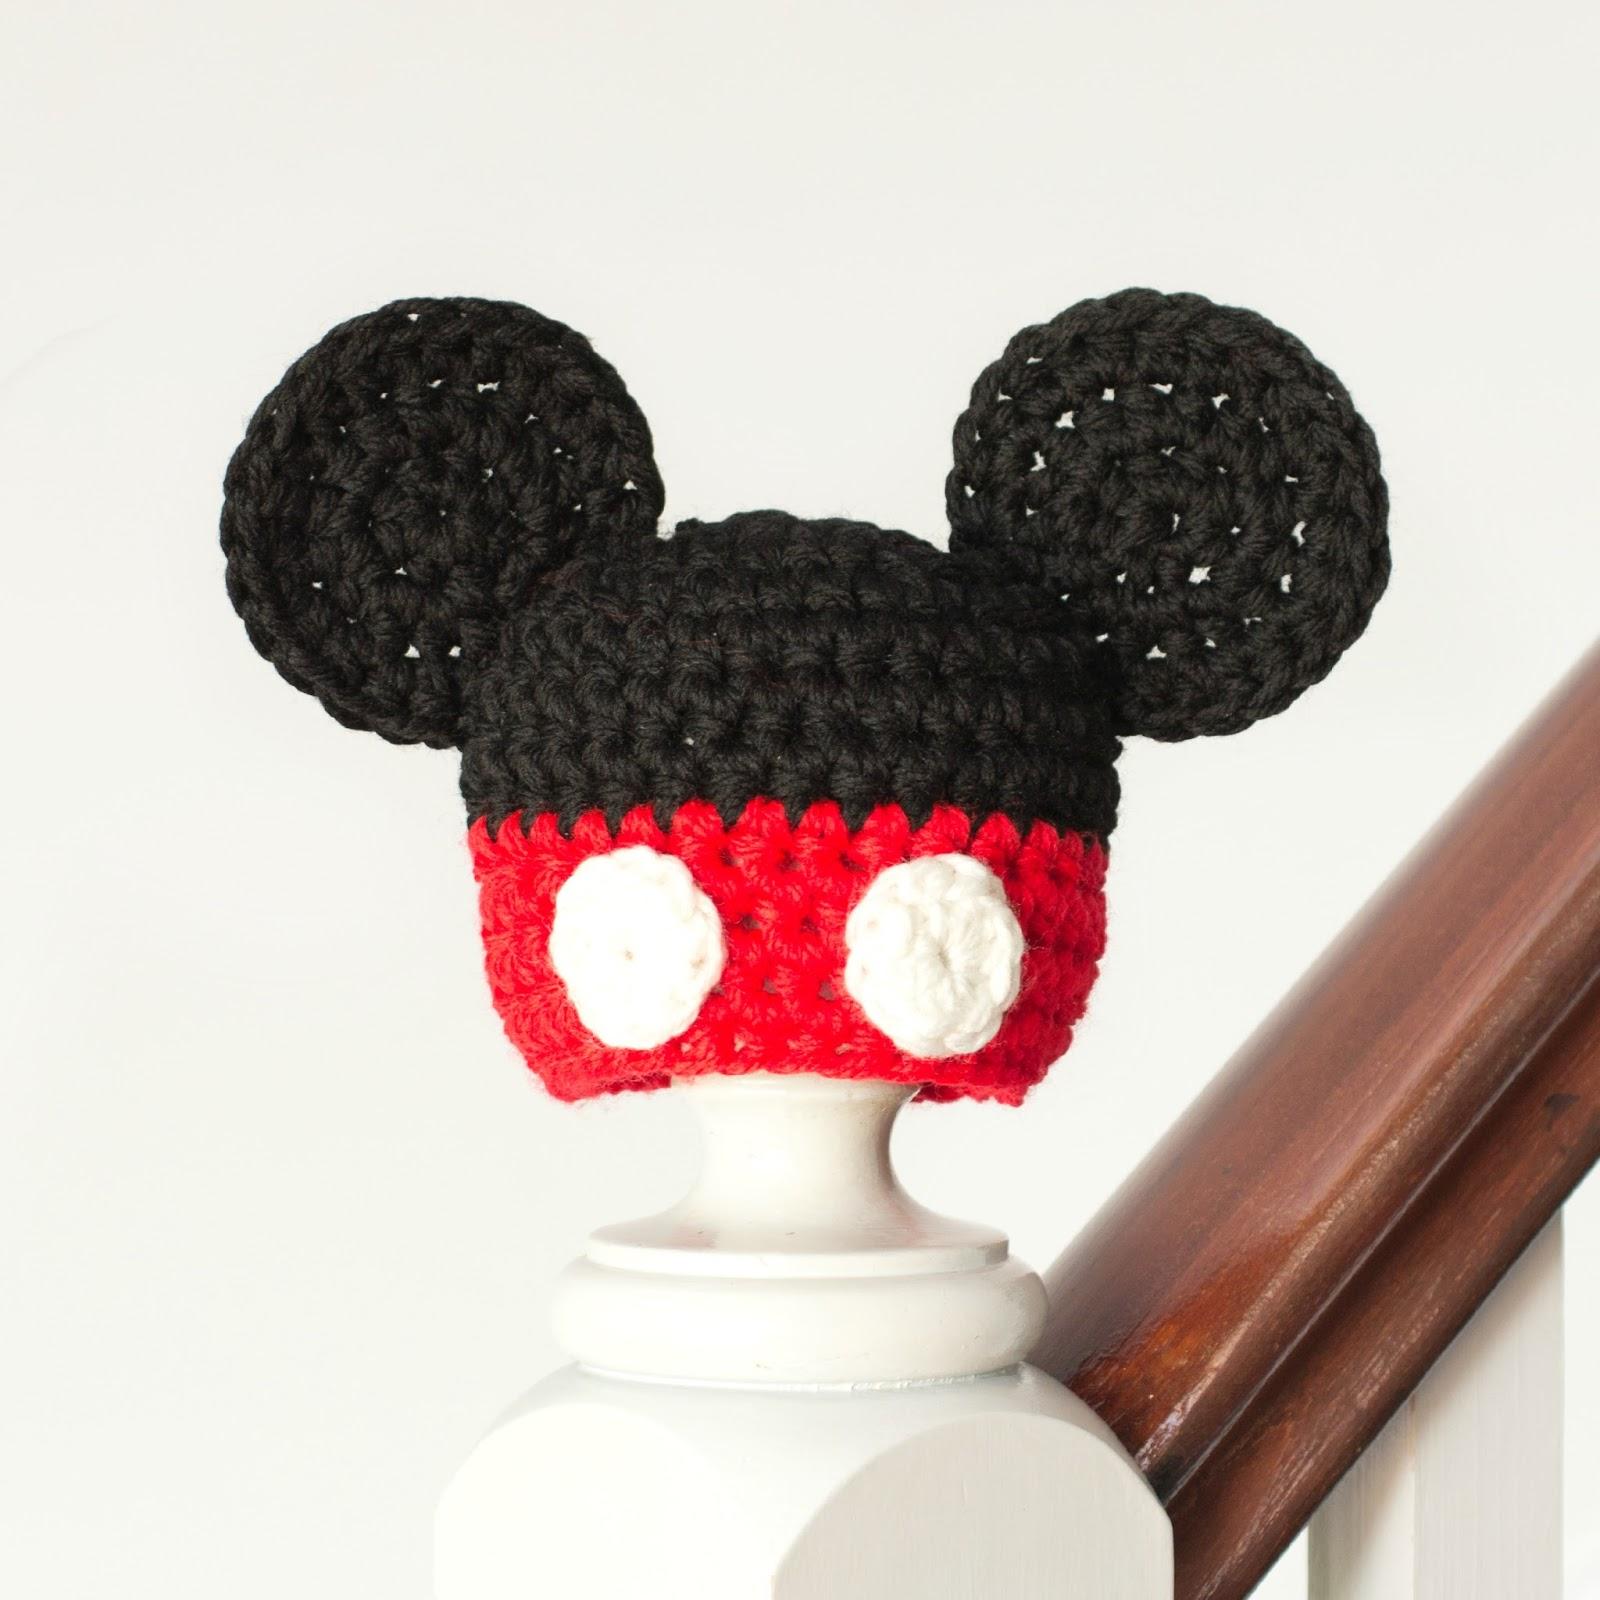 http://4.bp.blogspot.com/-6GXbZxPA1rU/U3V0Y4mr4jI/AAAAAAAAJns/rpjgIiEXBb8/s1600/Mickey+Mouse.jpg